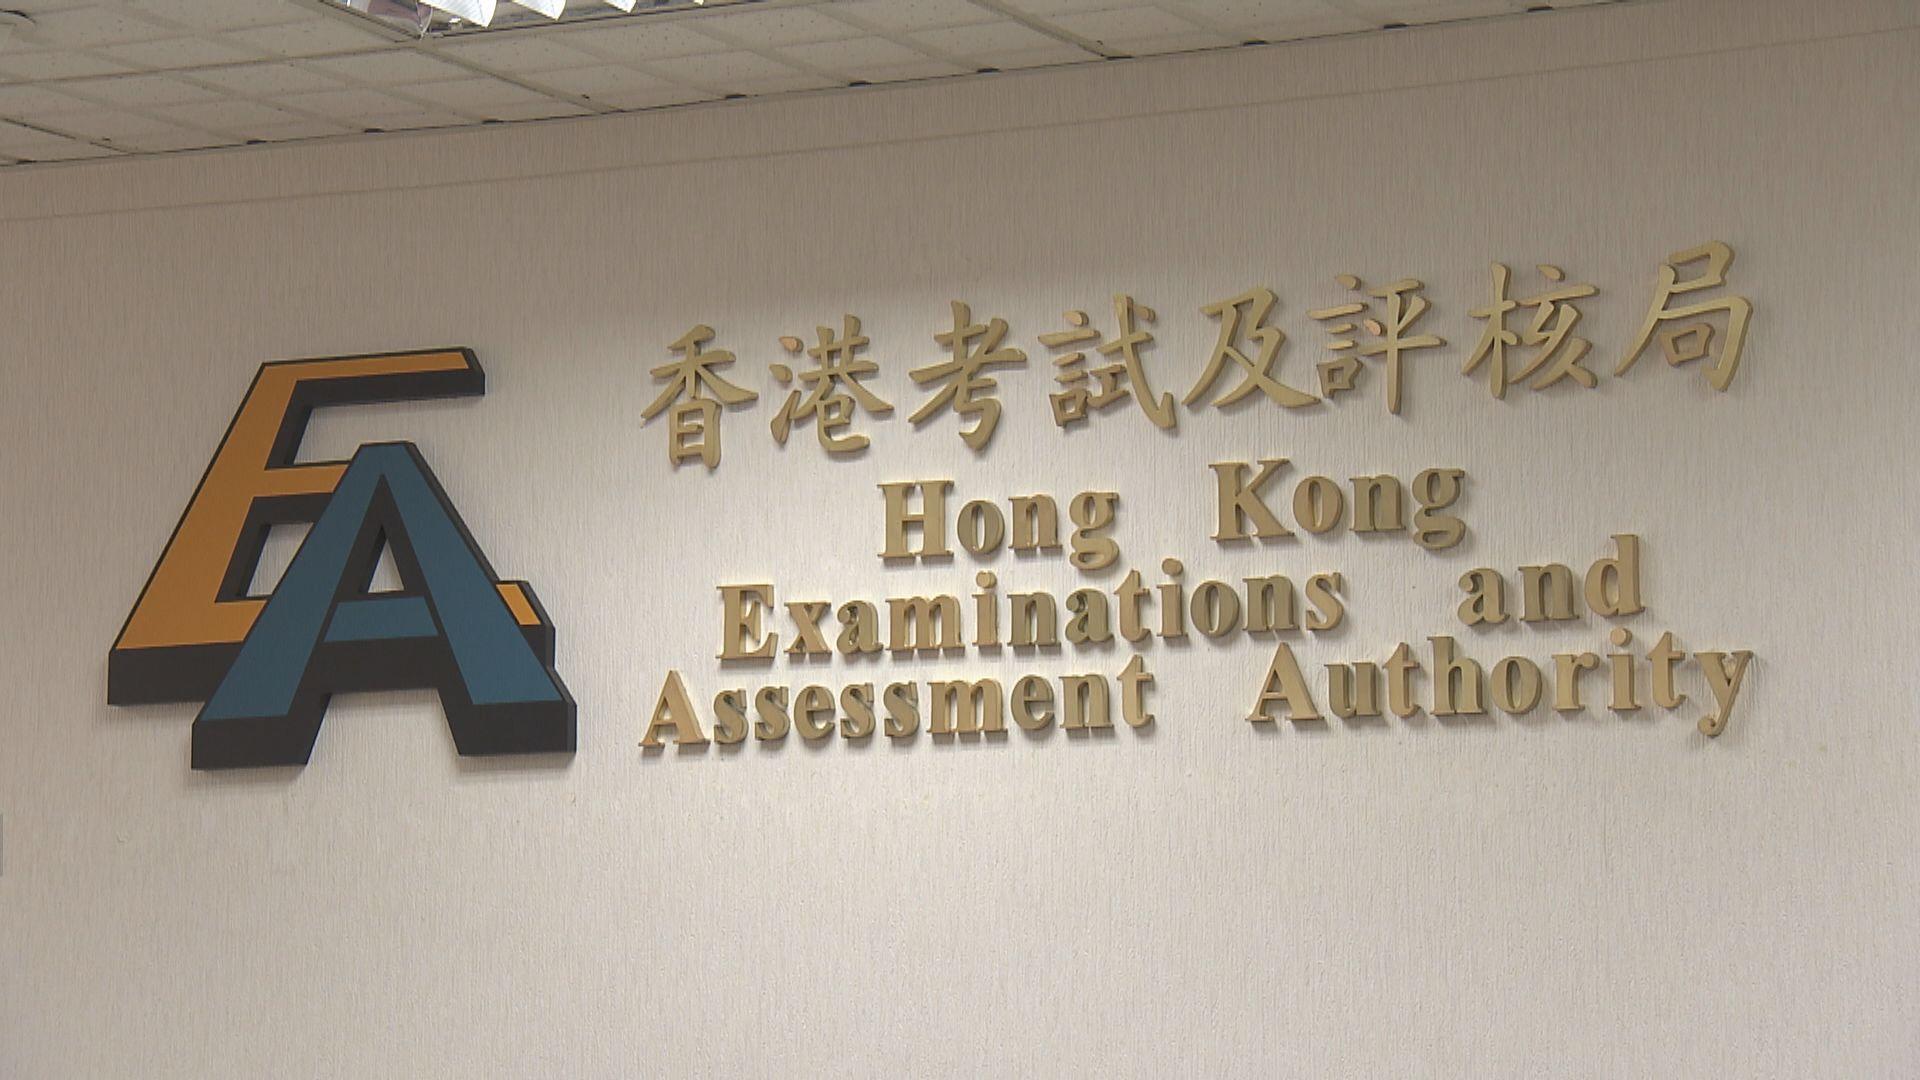 文憑試2023年中文科口試及通識科獨立專題探究取消